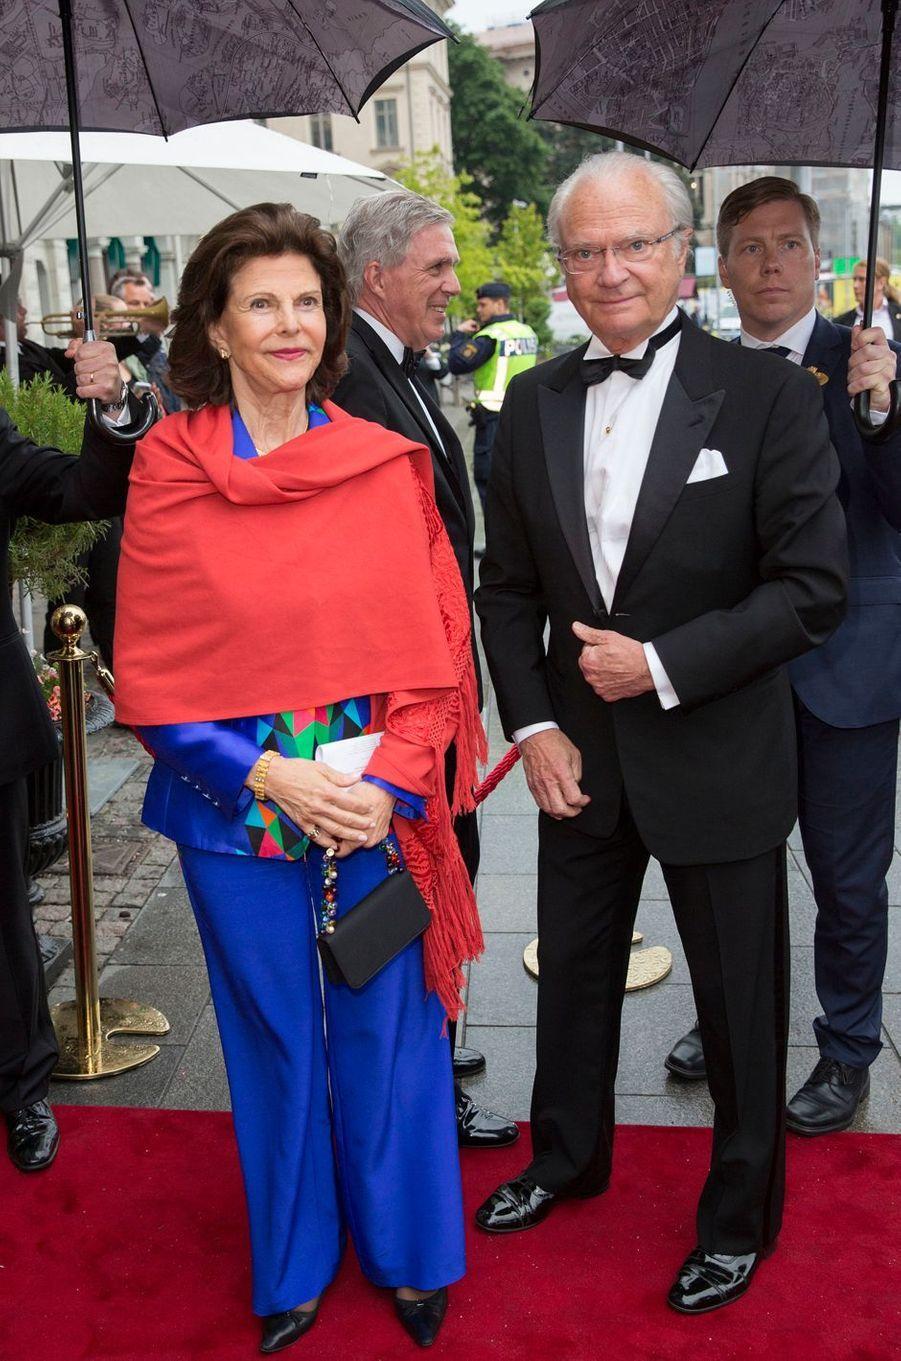 La reine Silvia et le roi Carl XVI Gustaf de Suède à Stockholm, le 16 juin 2016